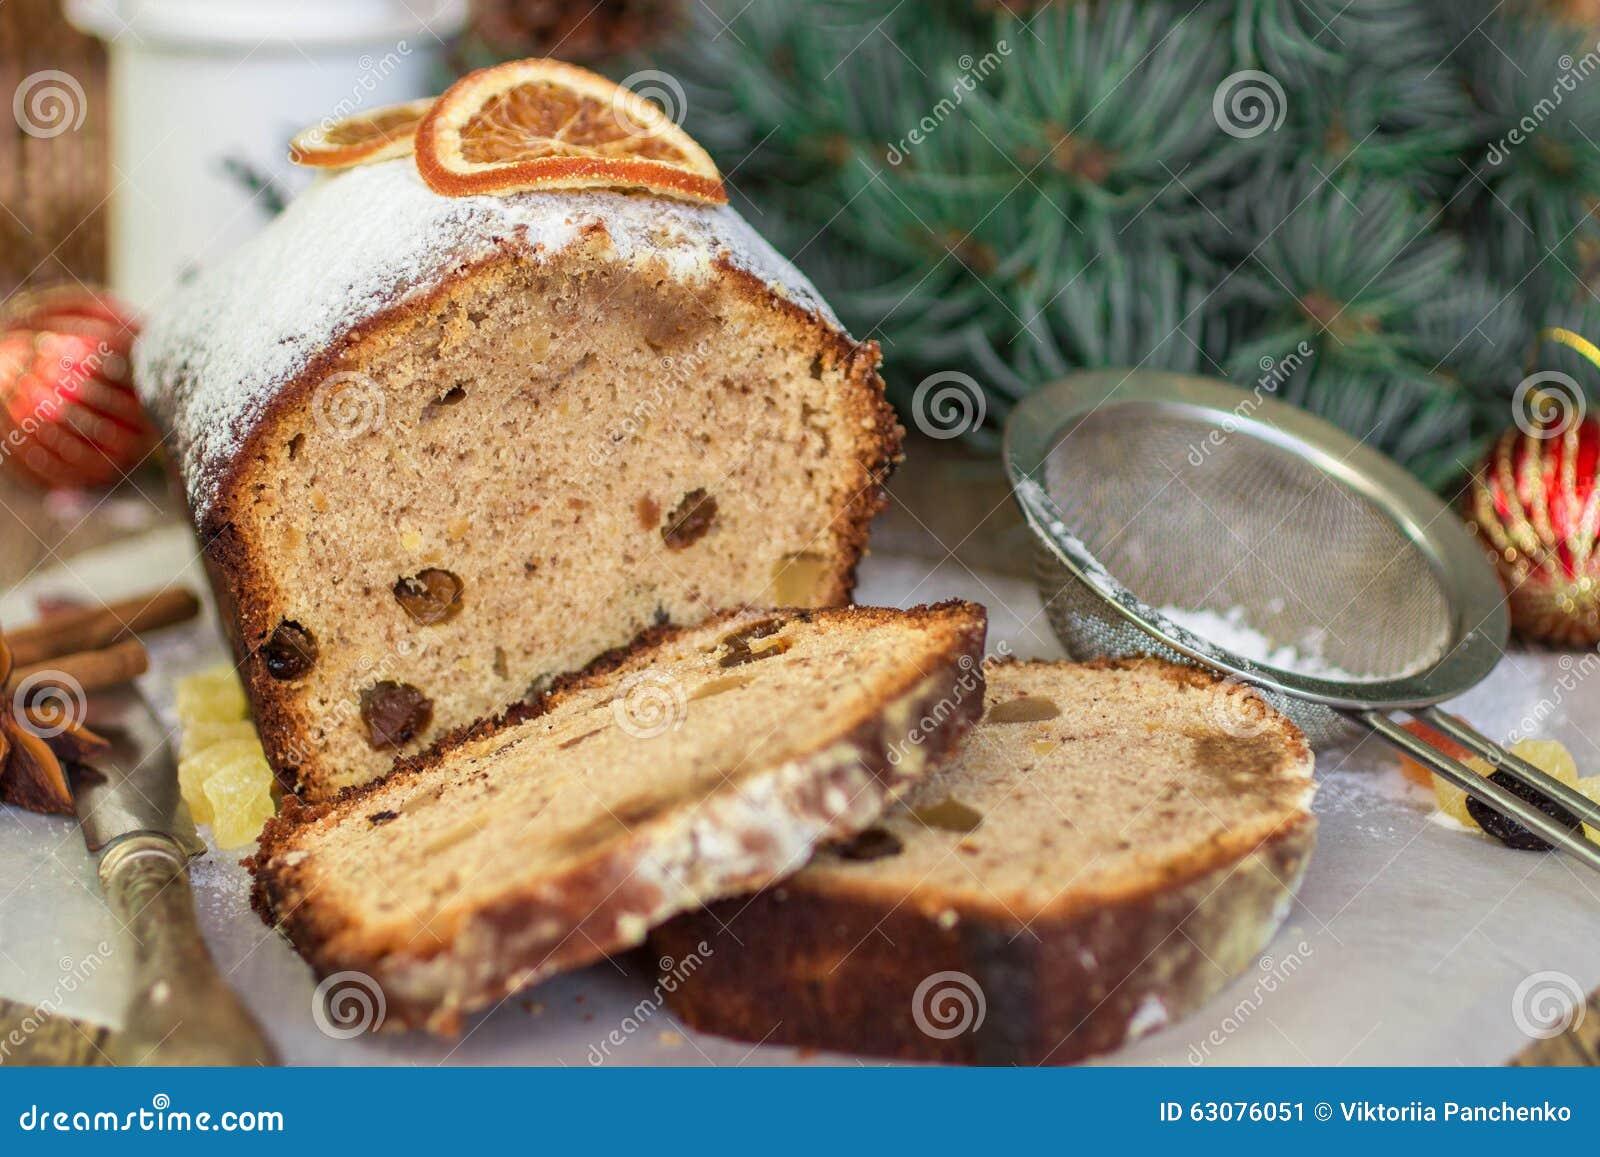 Download Gâteau De Fruits Secs Avec Des écrous, Des Raisins Secs, Le Fruit Glacé Et Des épices Gâteau épicé Traditionnel De Noël Image stock - Image du aromatique, nourriture: 63076051